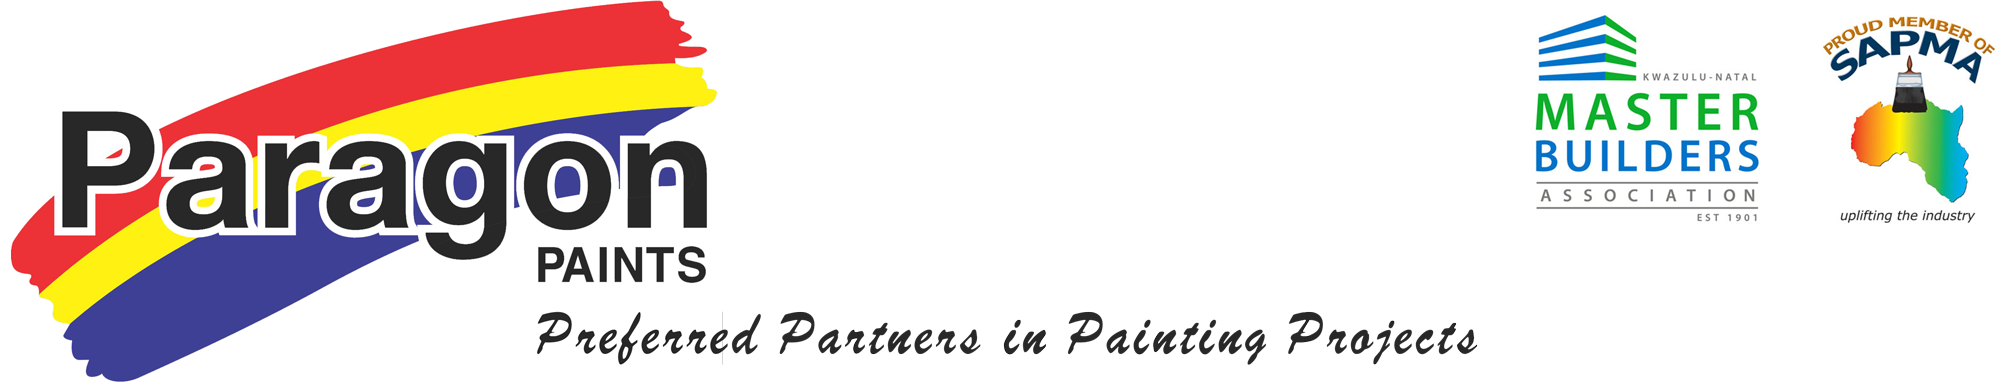 MSDS - Paragon Paints